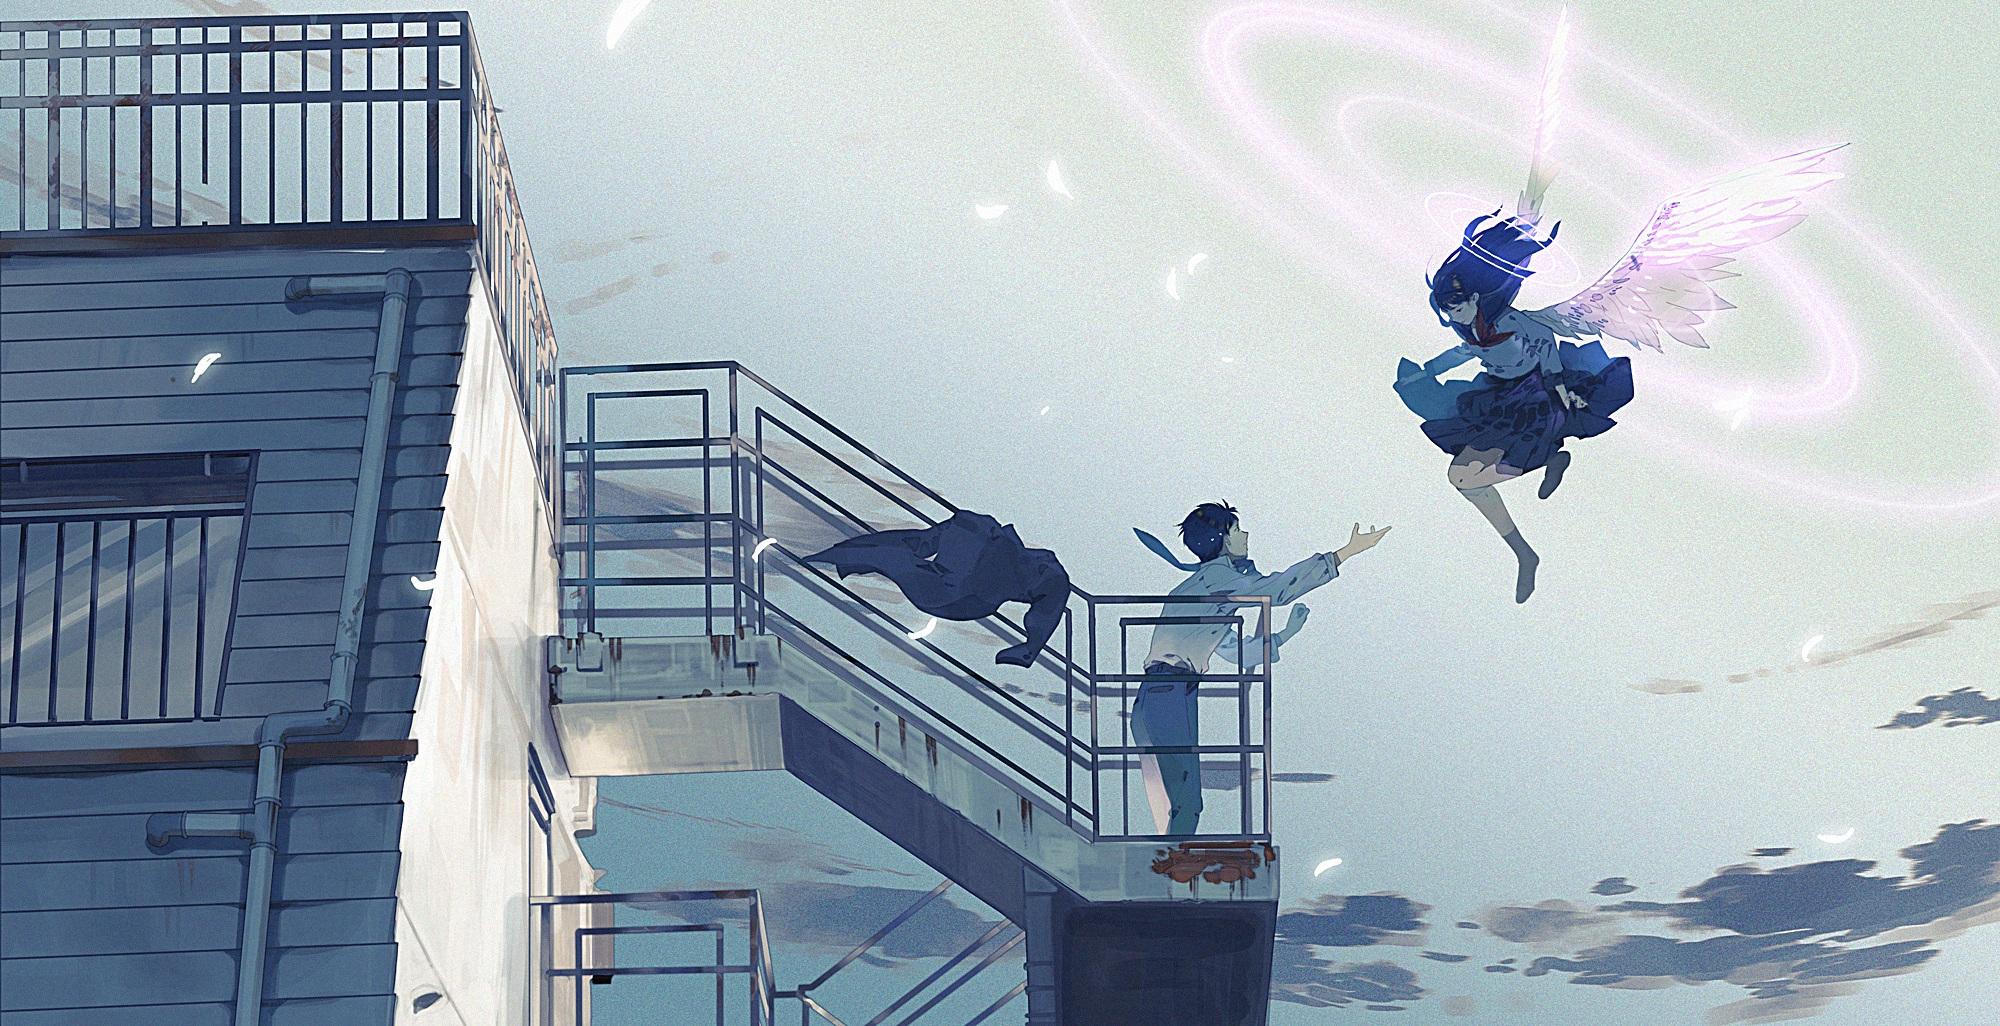 【动漫壁纸】11月27日精选动漫壁纸美图 动漫精品图片-第8张